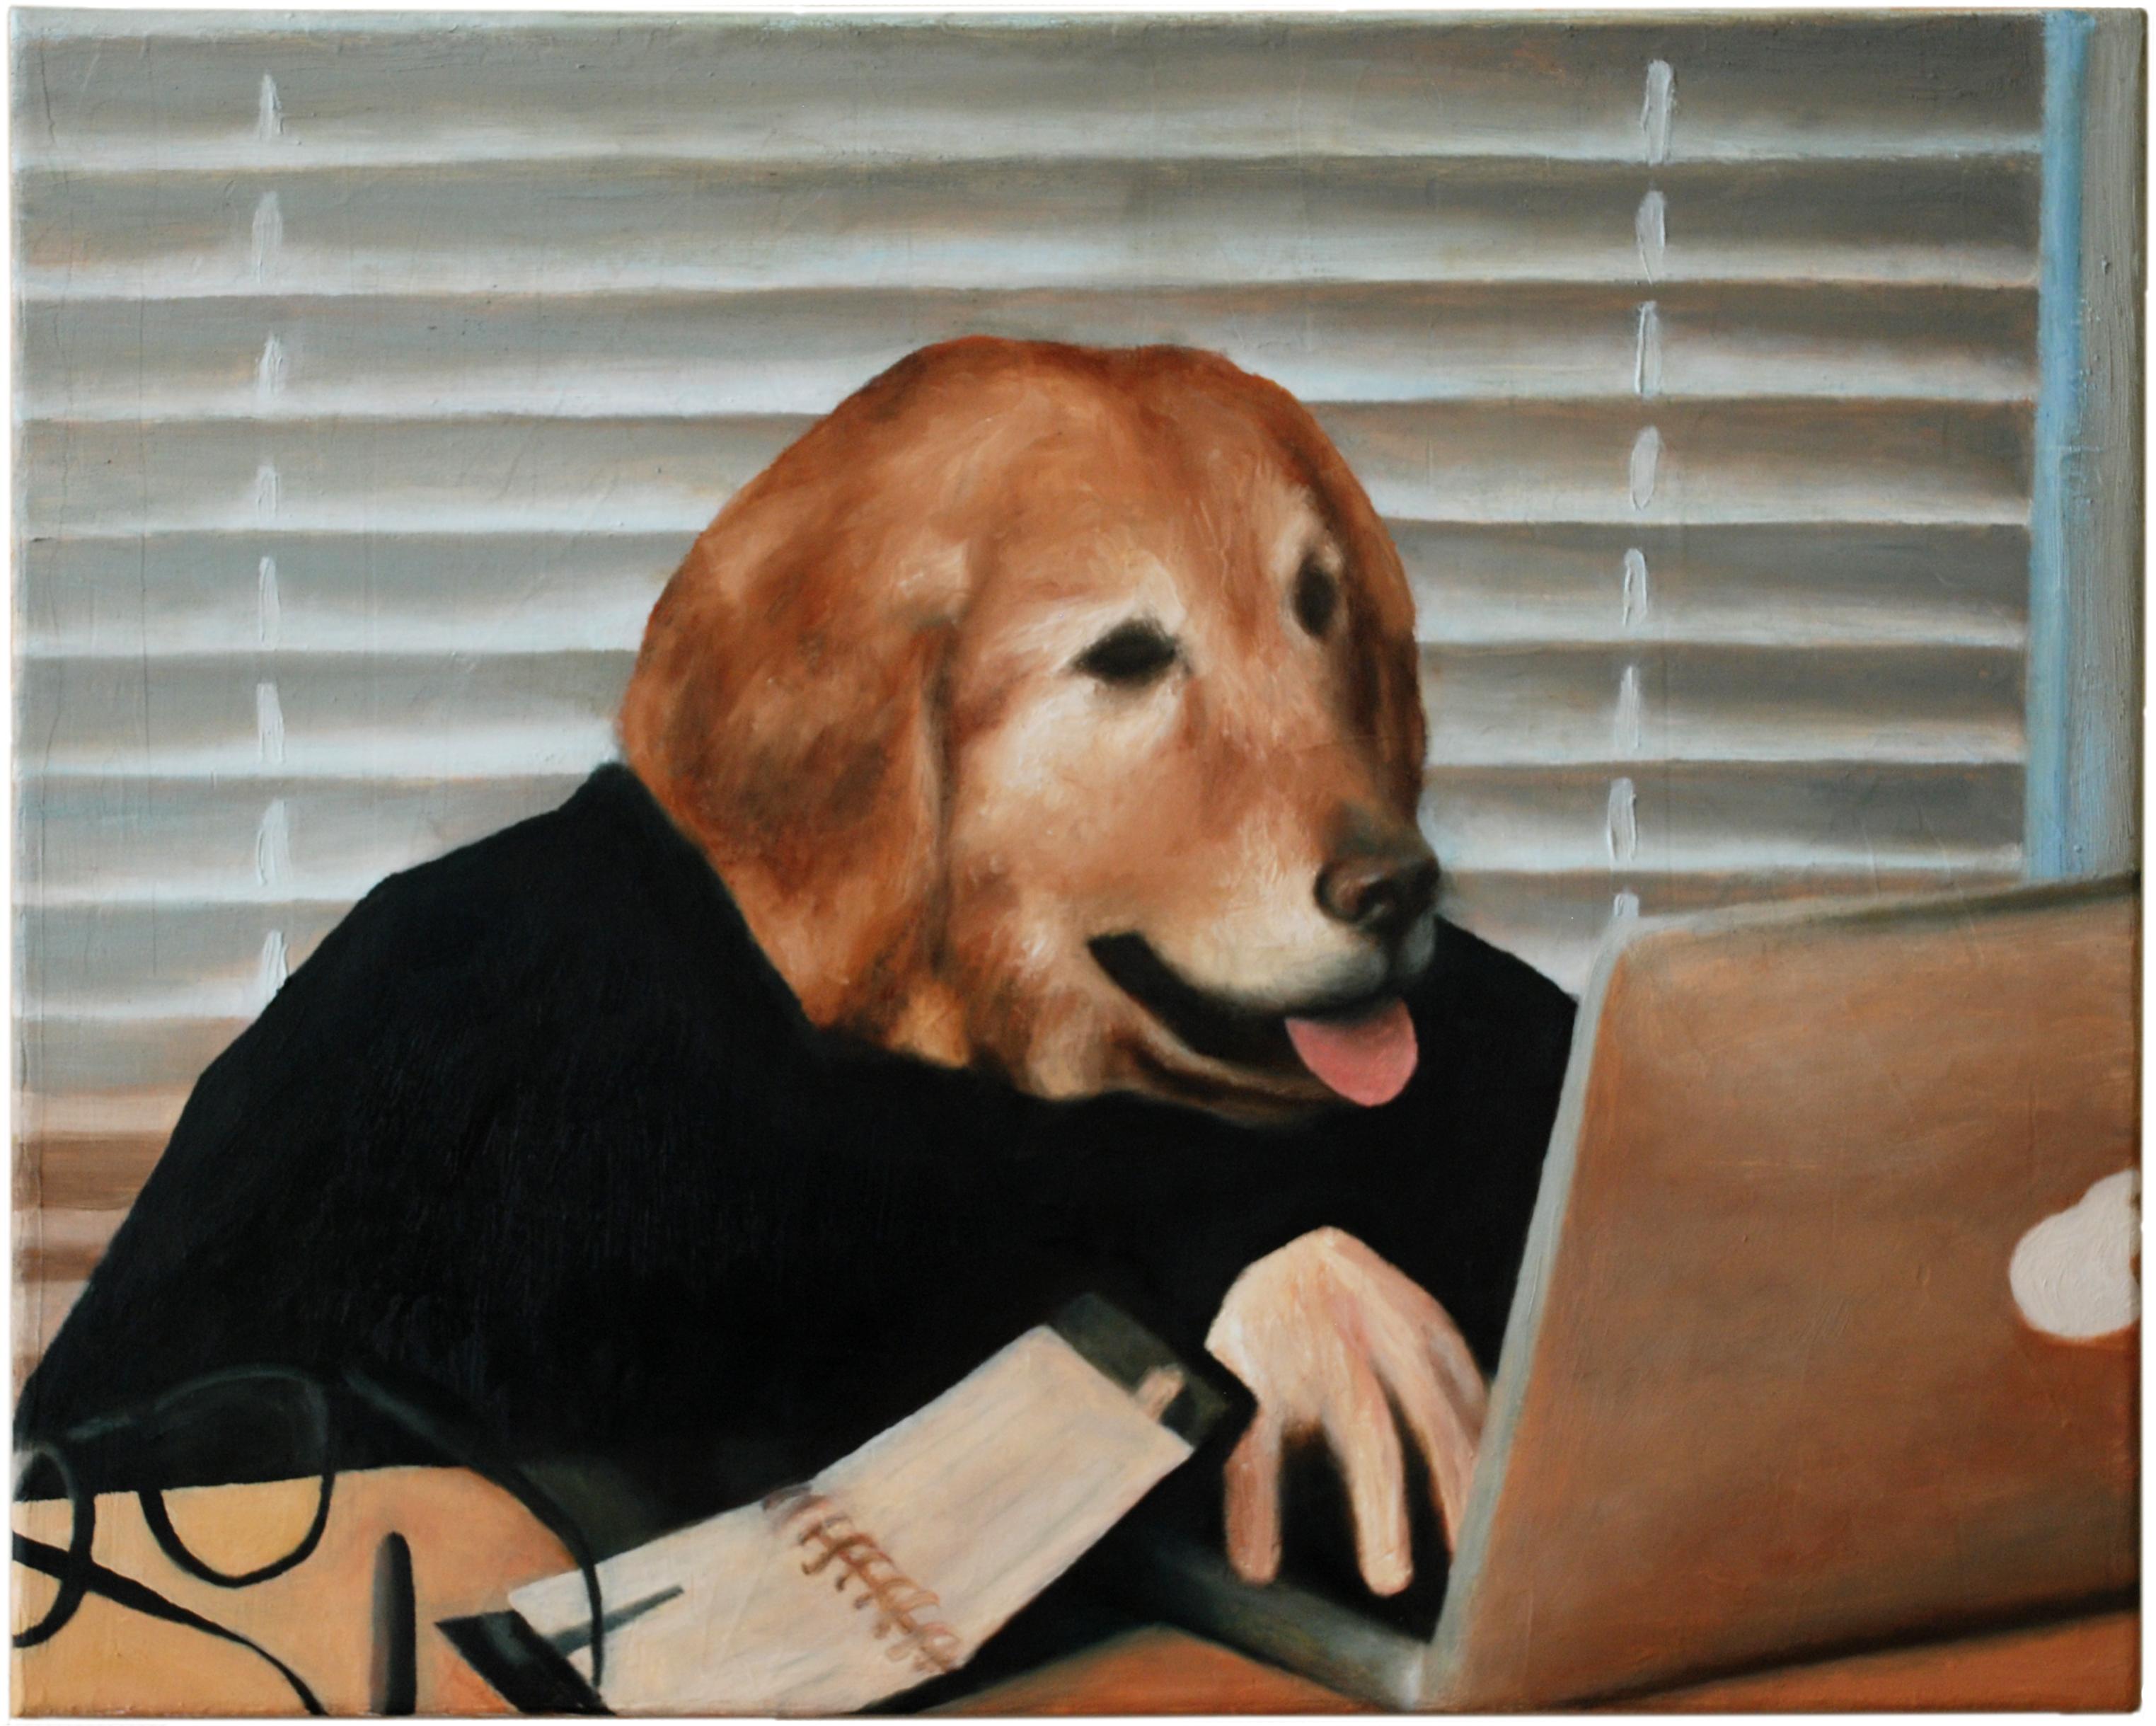 DOGGO (Still einer Office-Dog-Gif), 2019  40 x 50 cm Öl auf Leinwand